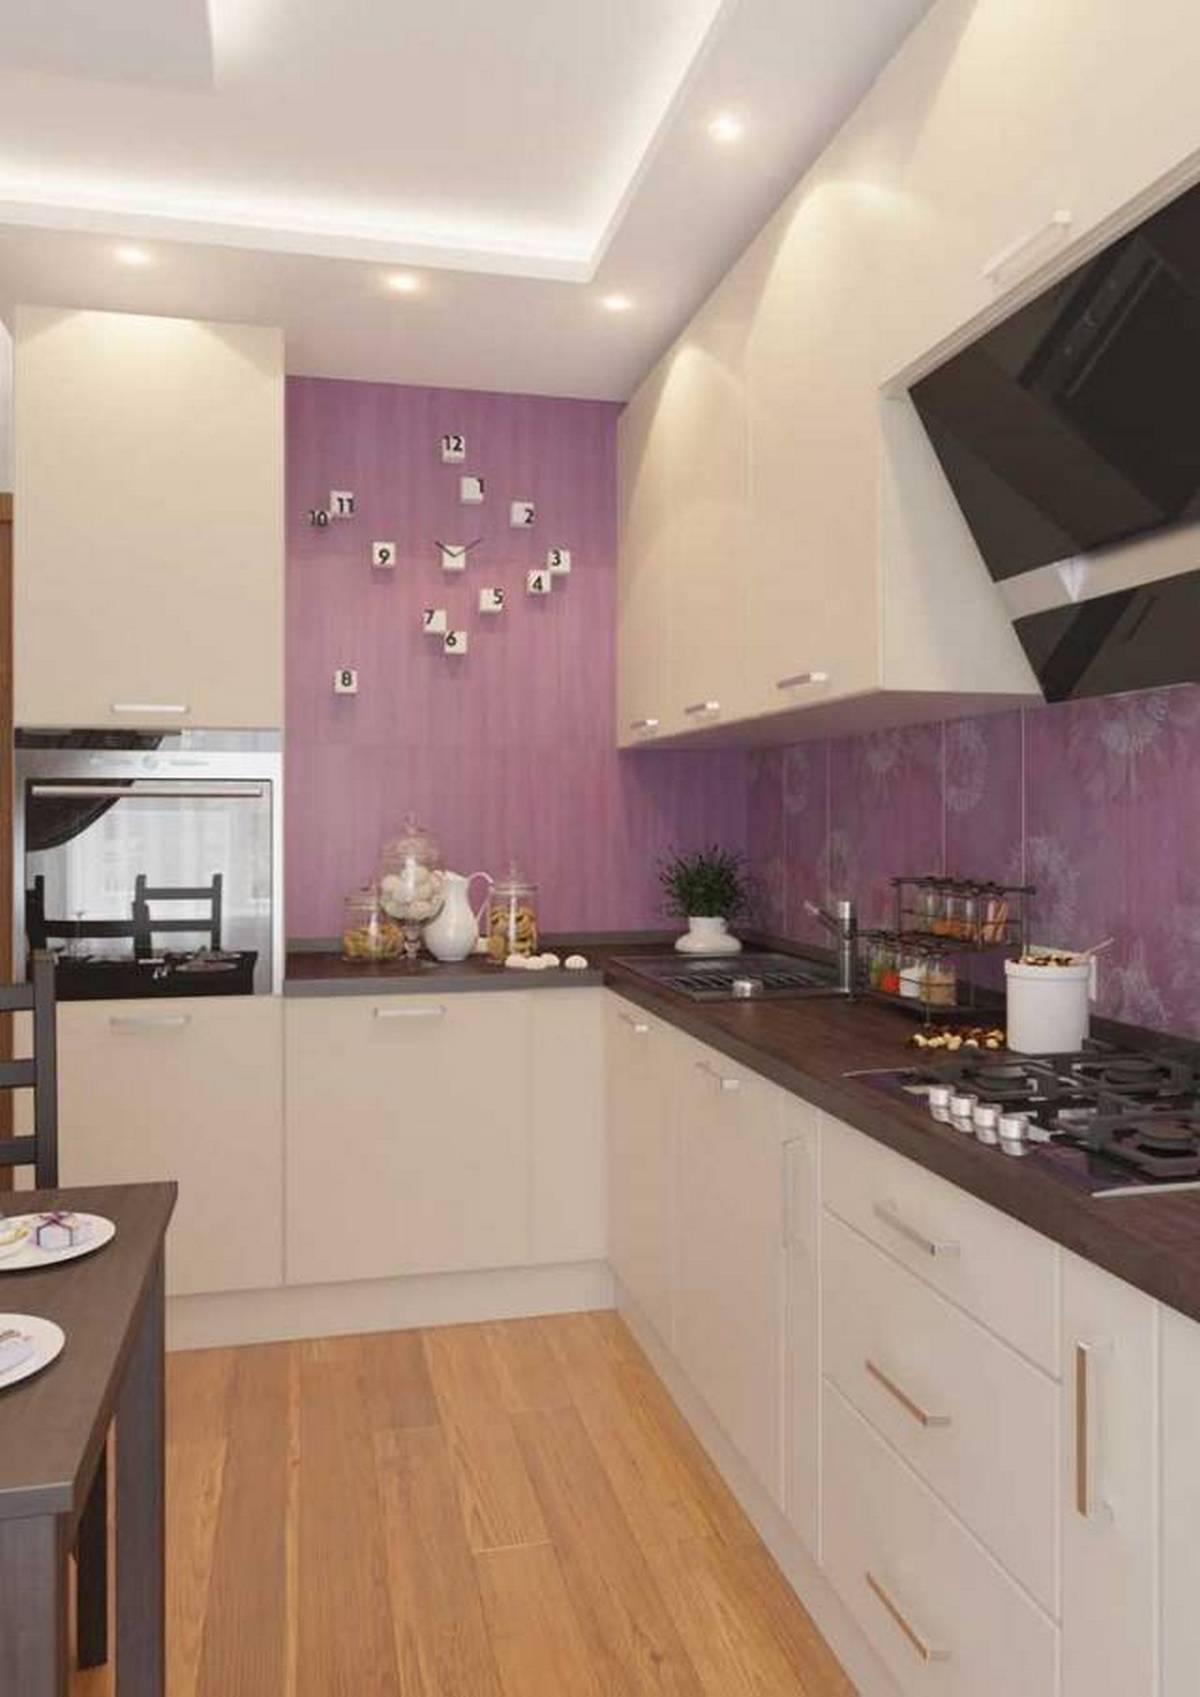 дизайн кухни 12 кв м с диваном на фото